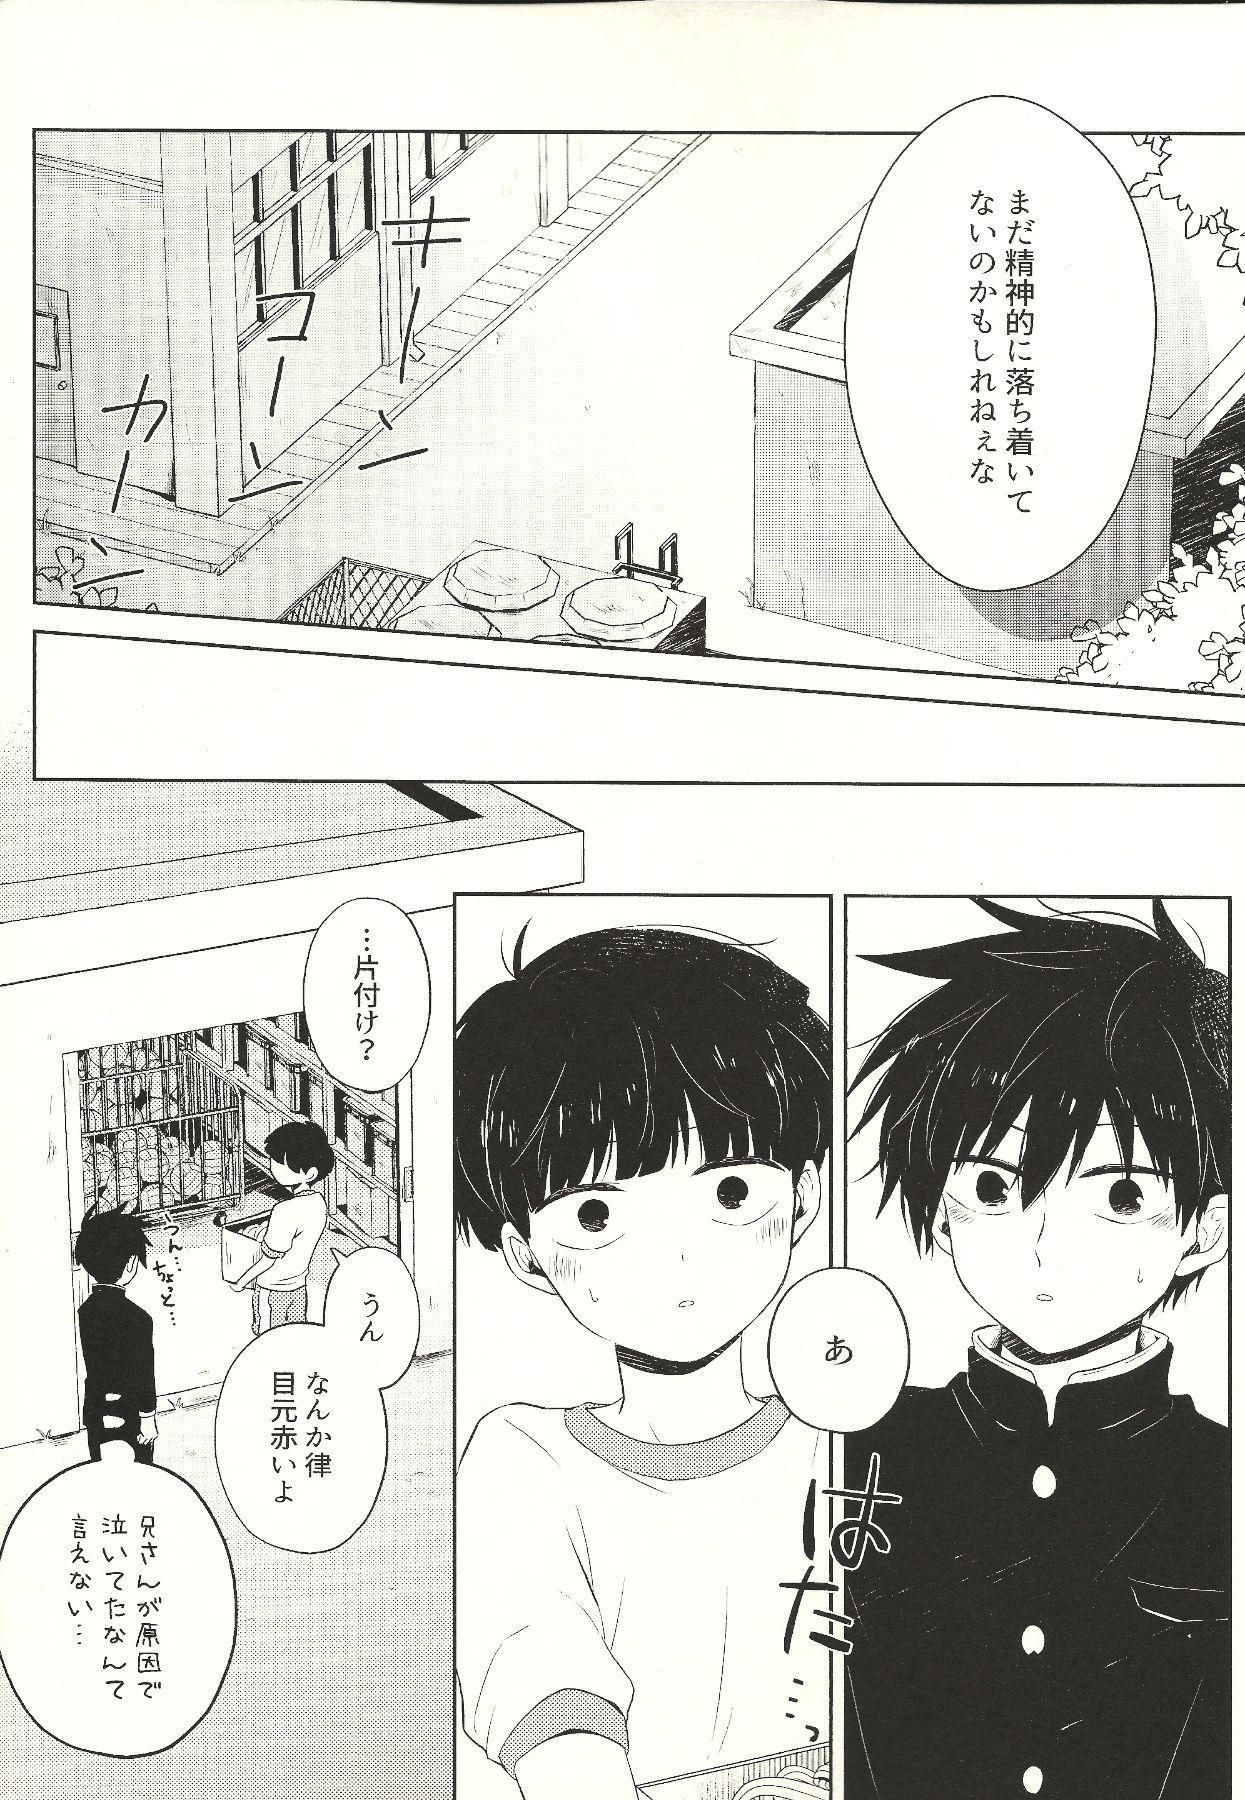 Kyojitsu 16